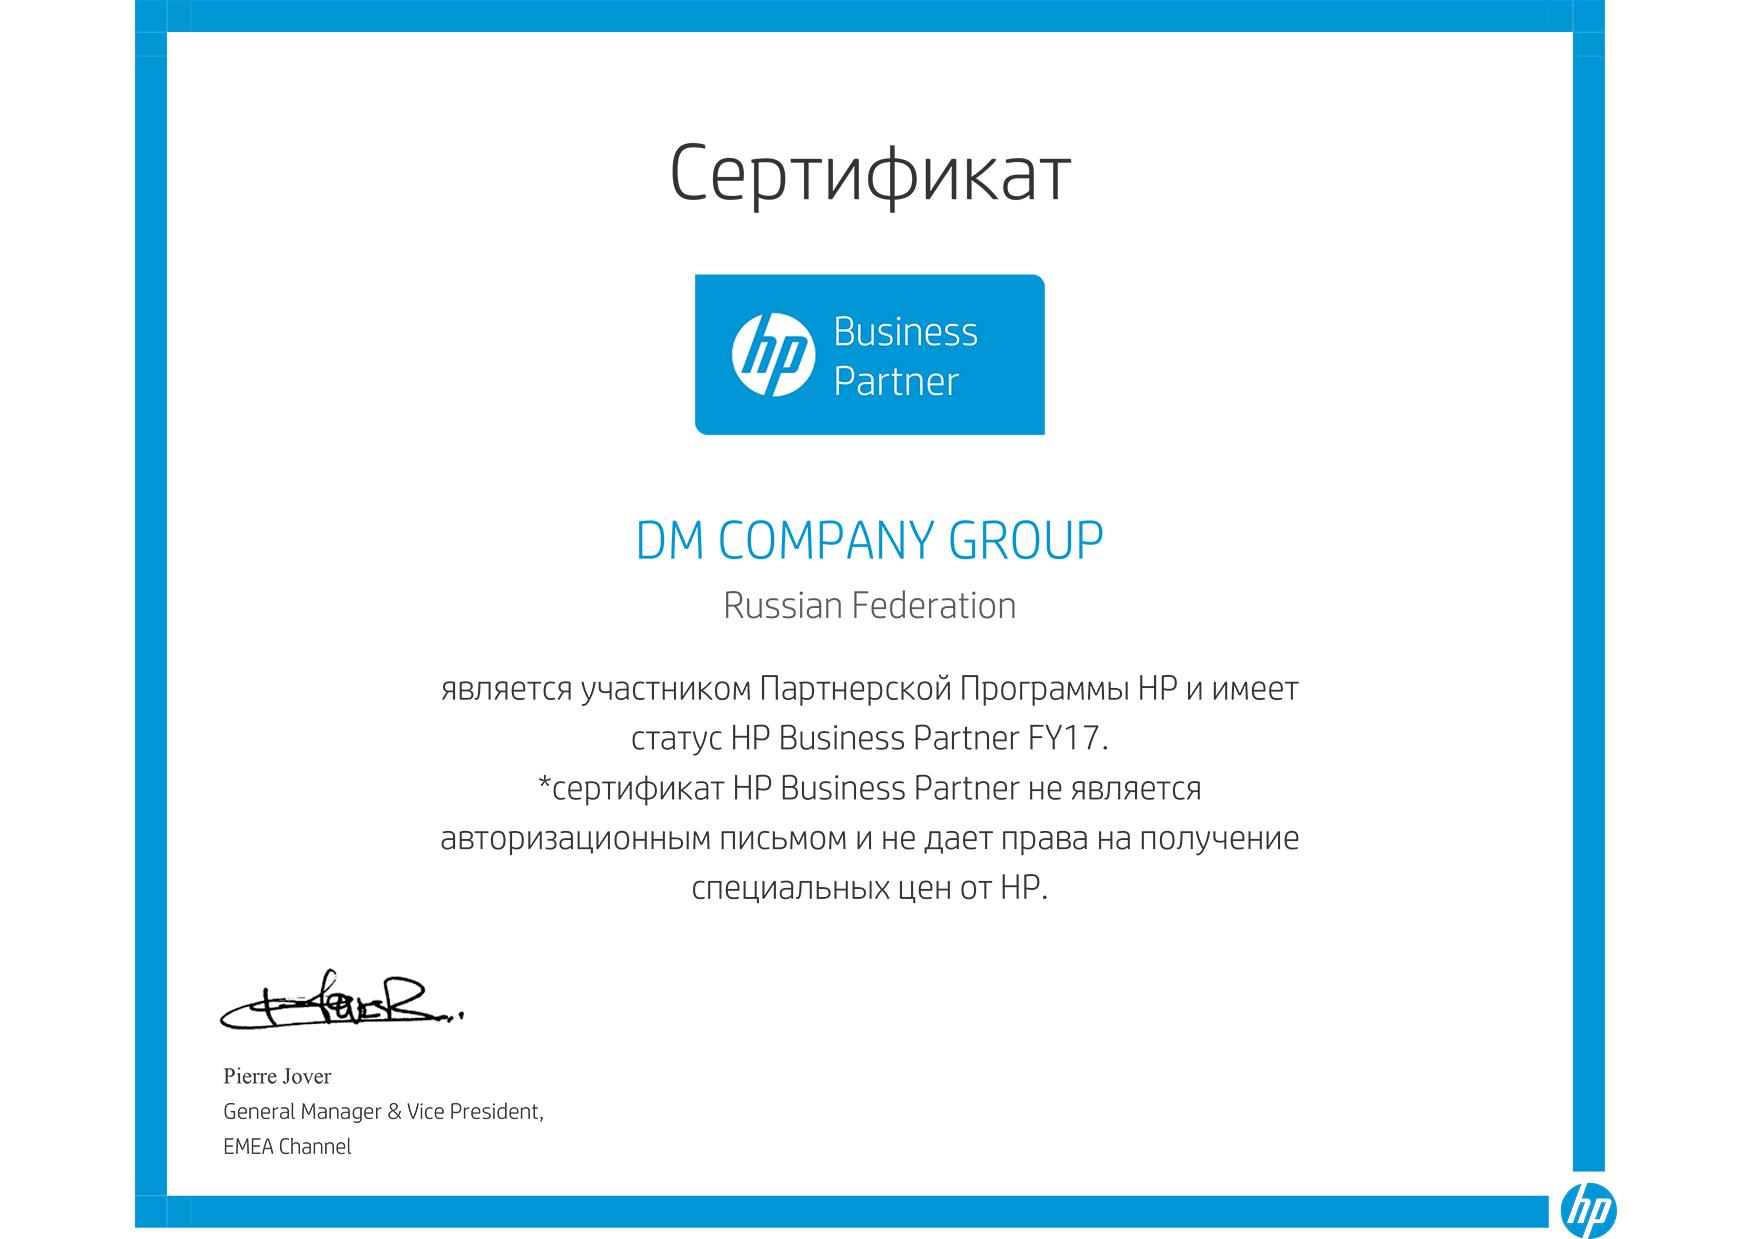 Сертификат подтверждающий статус бизнес-партнера HP для Компании DM